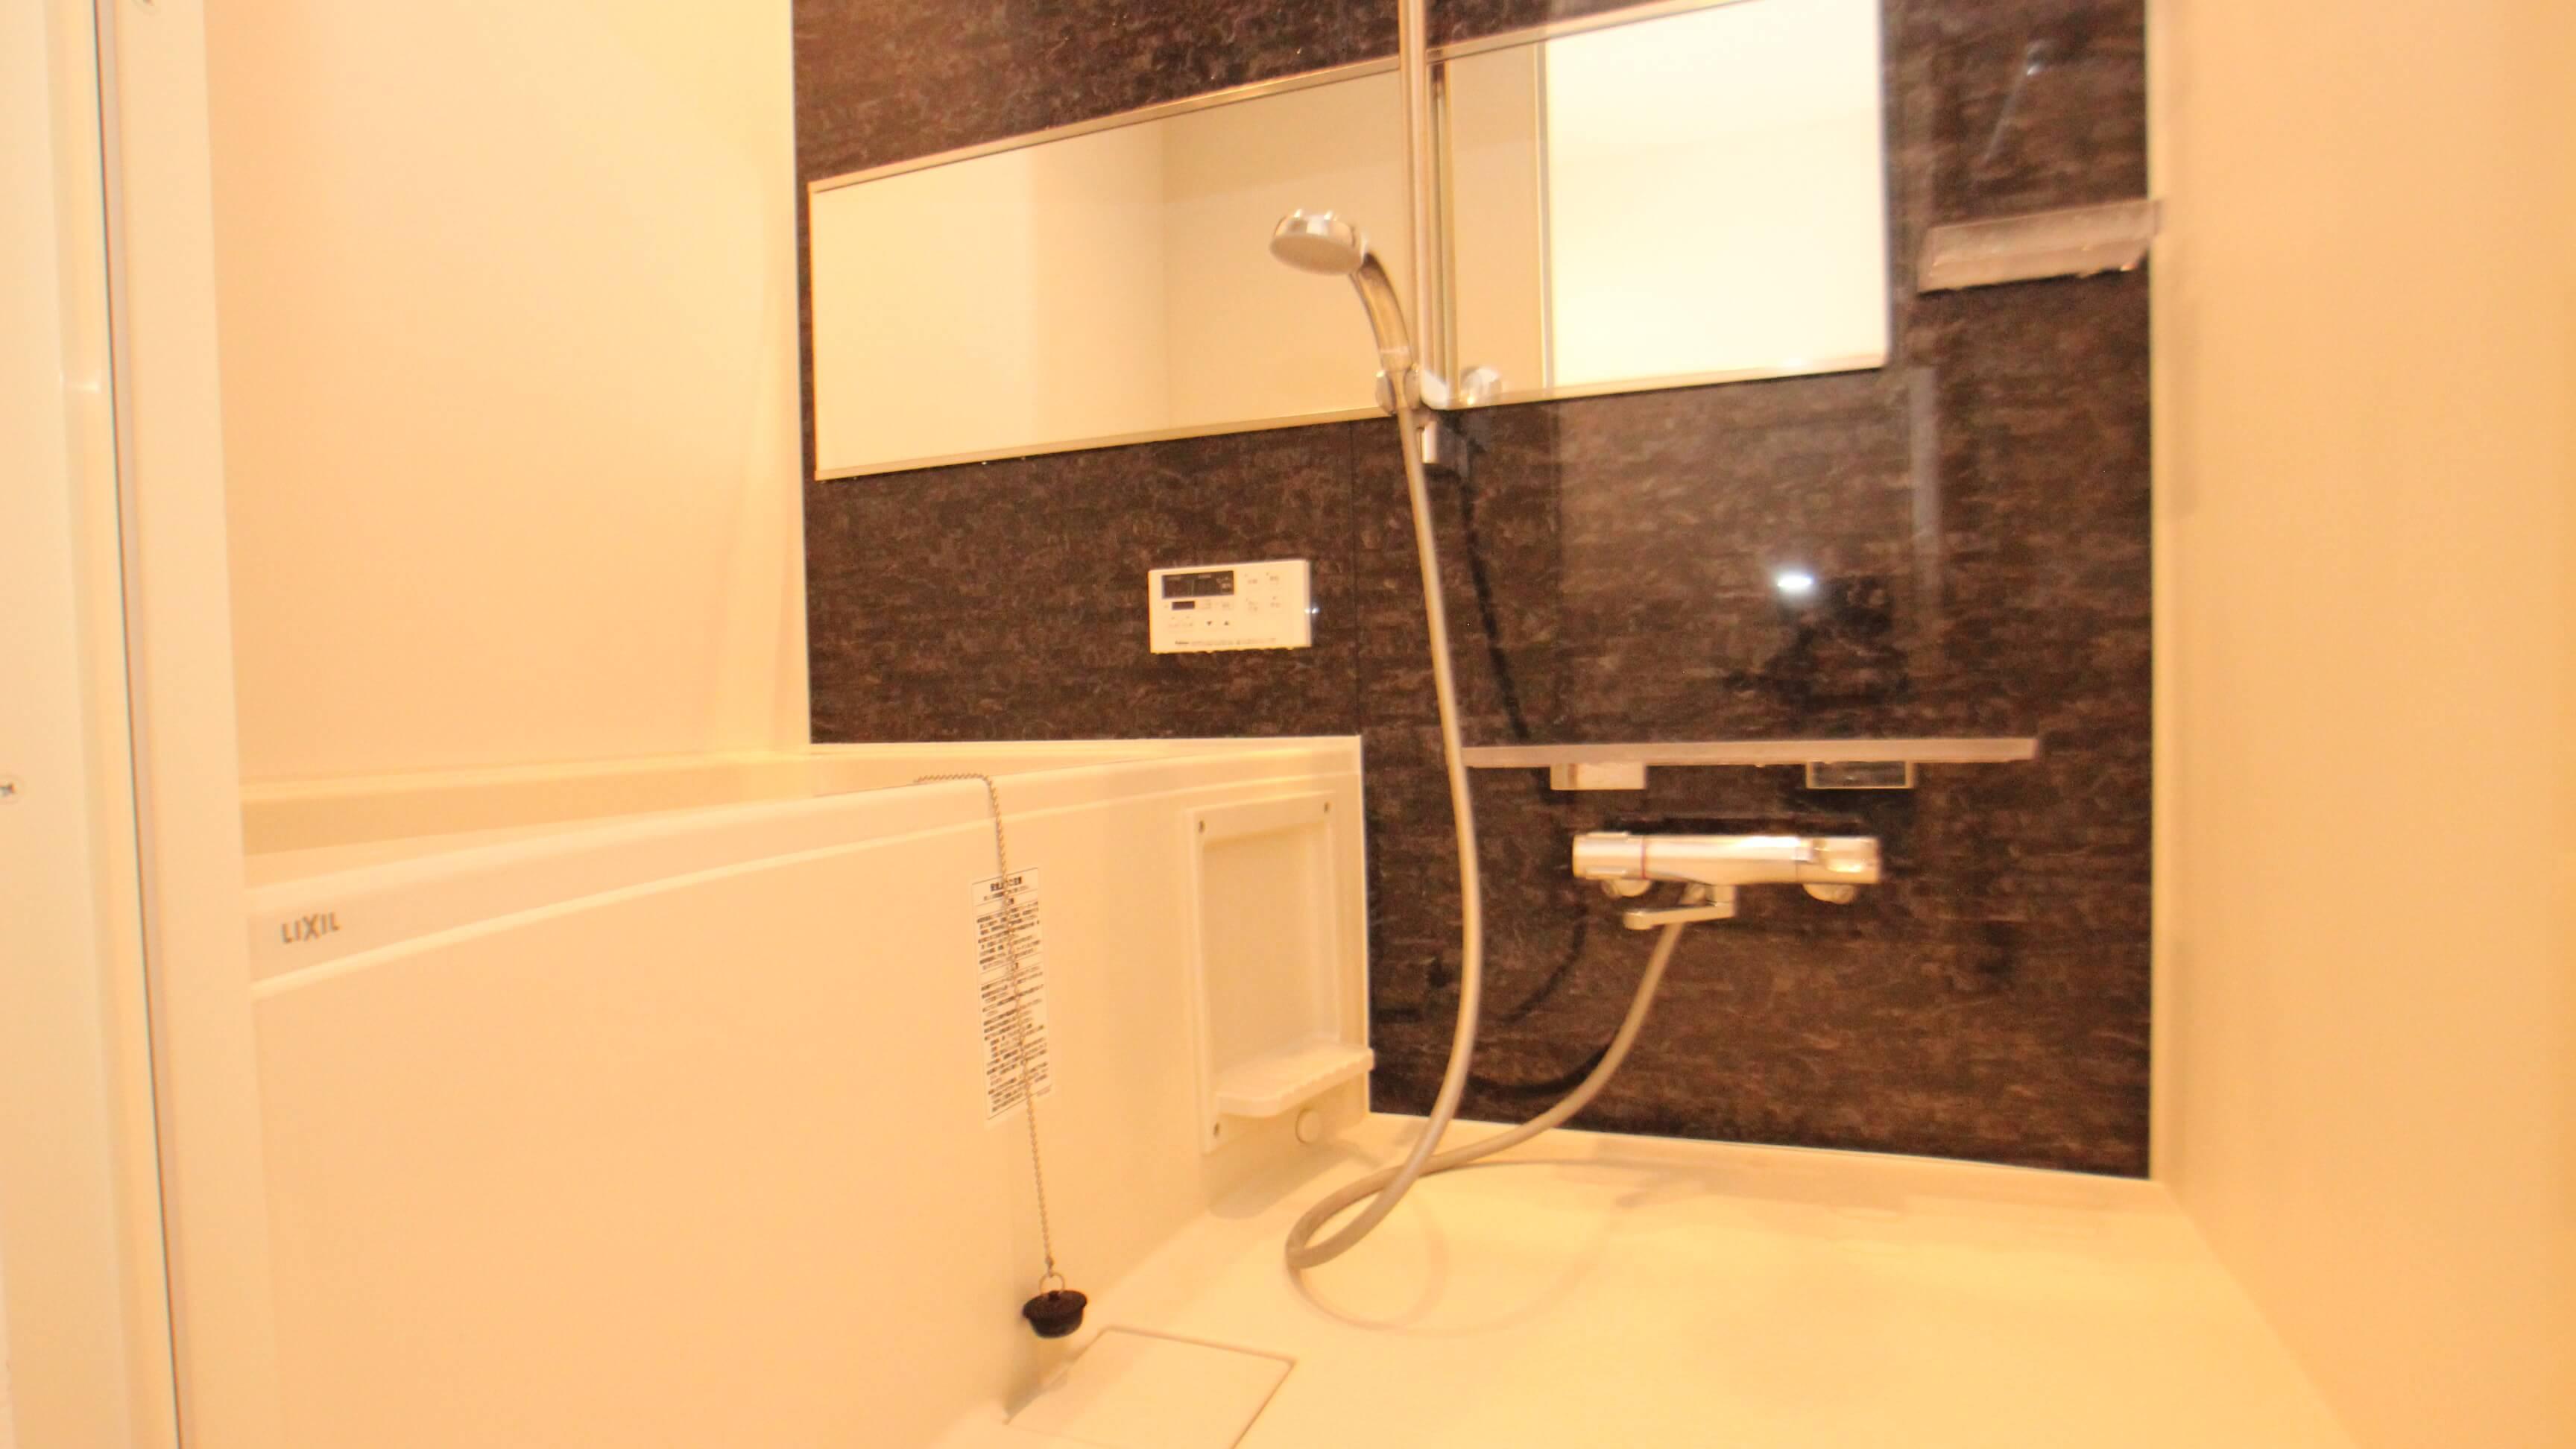 なかなか広めなお風呂は追い焚き機能あり・浴室乾燥機もついてます。